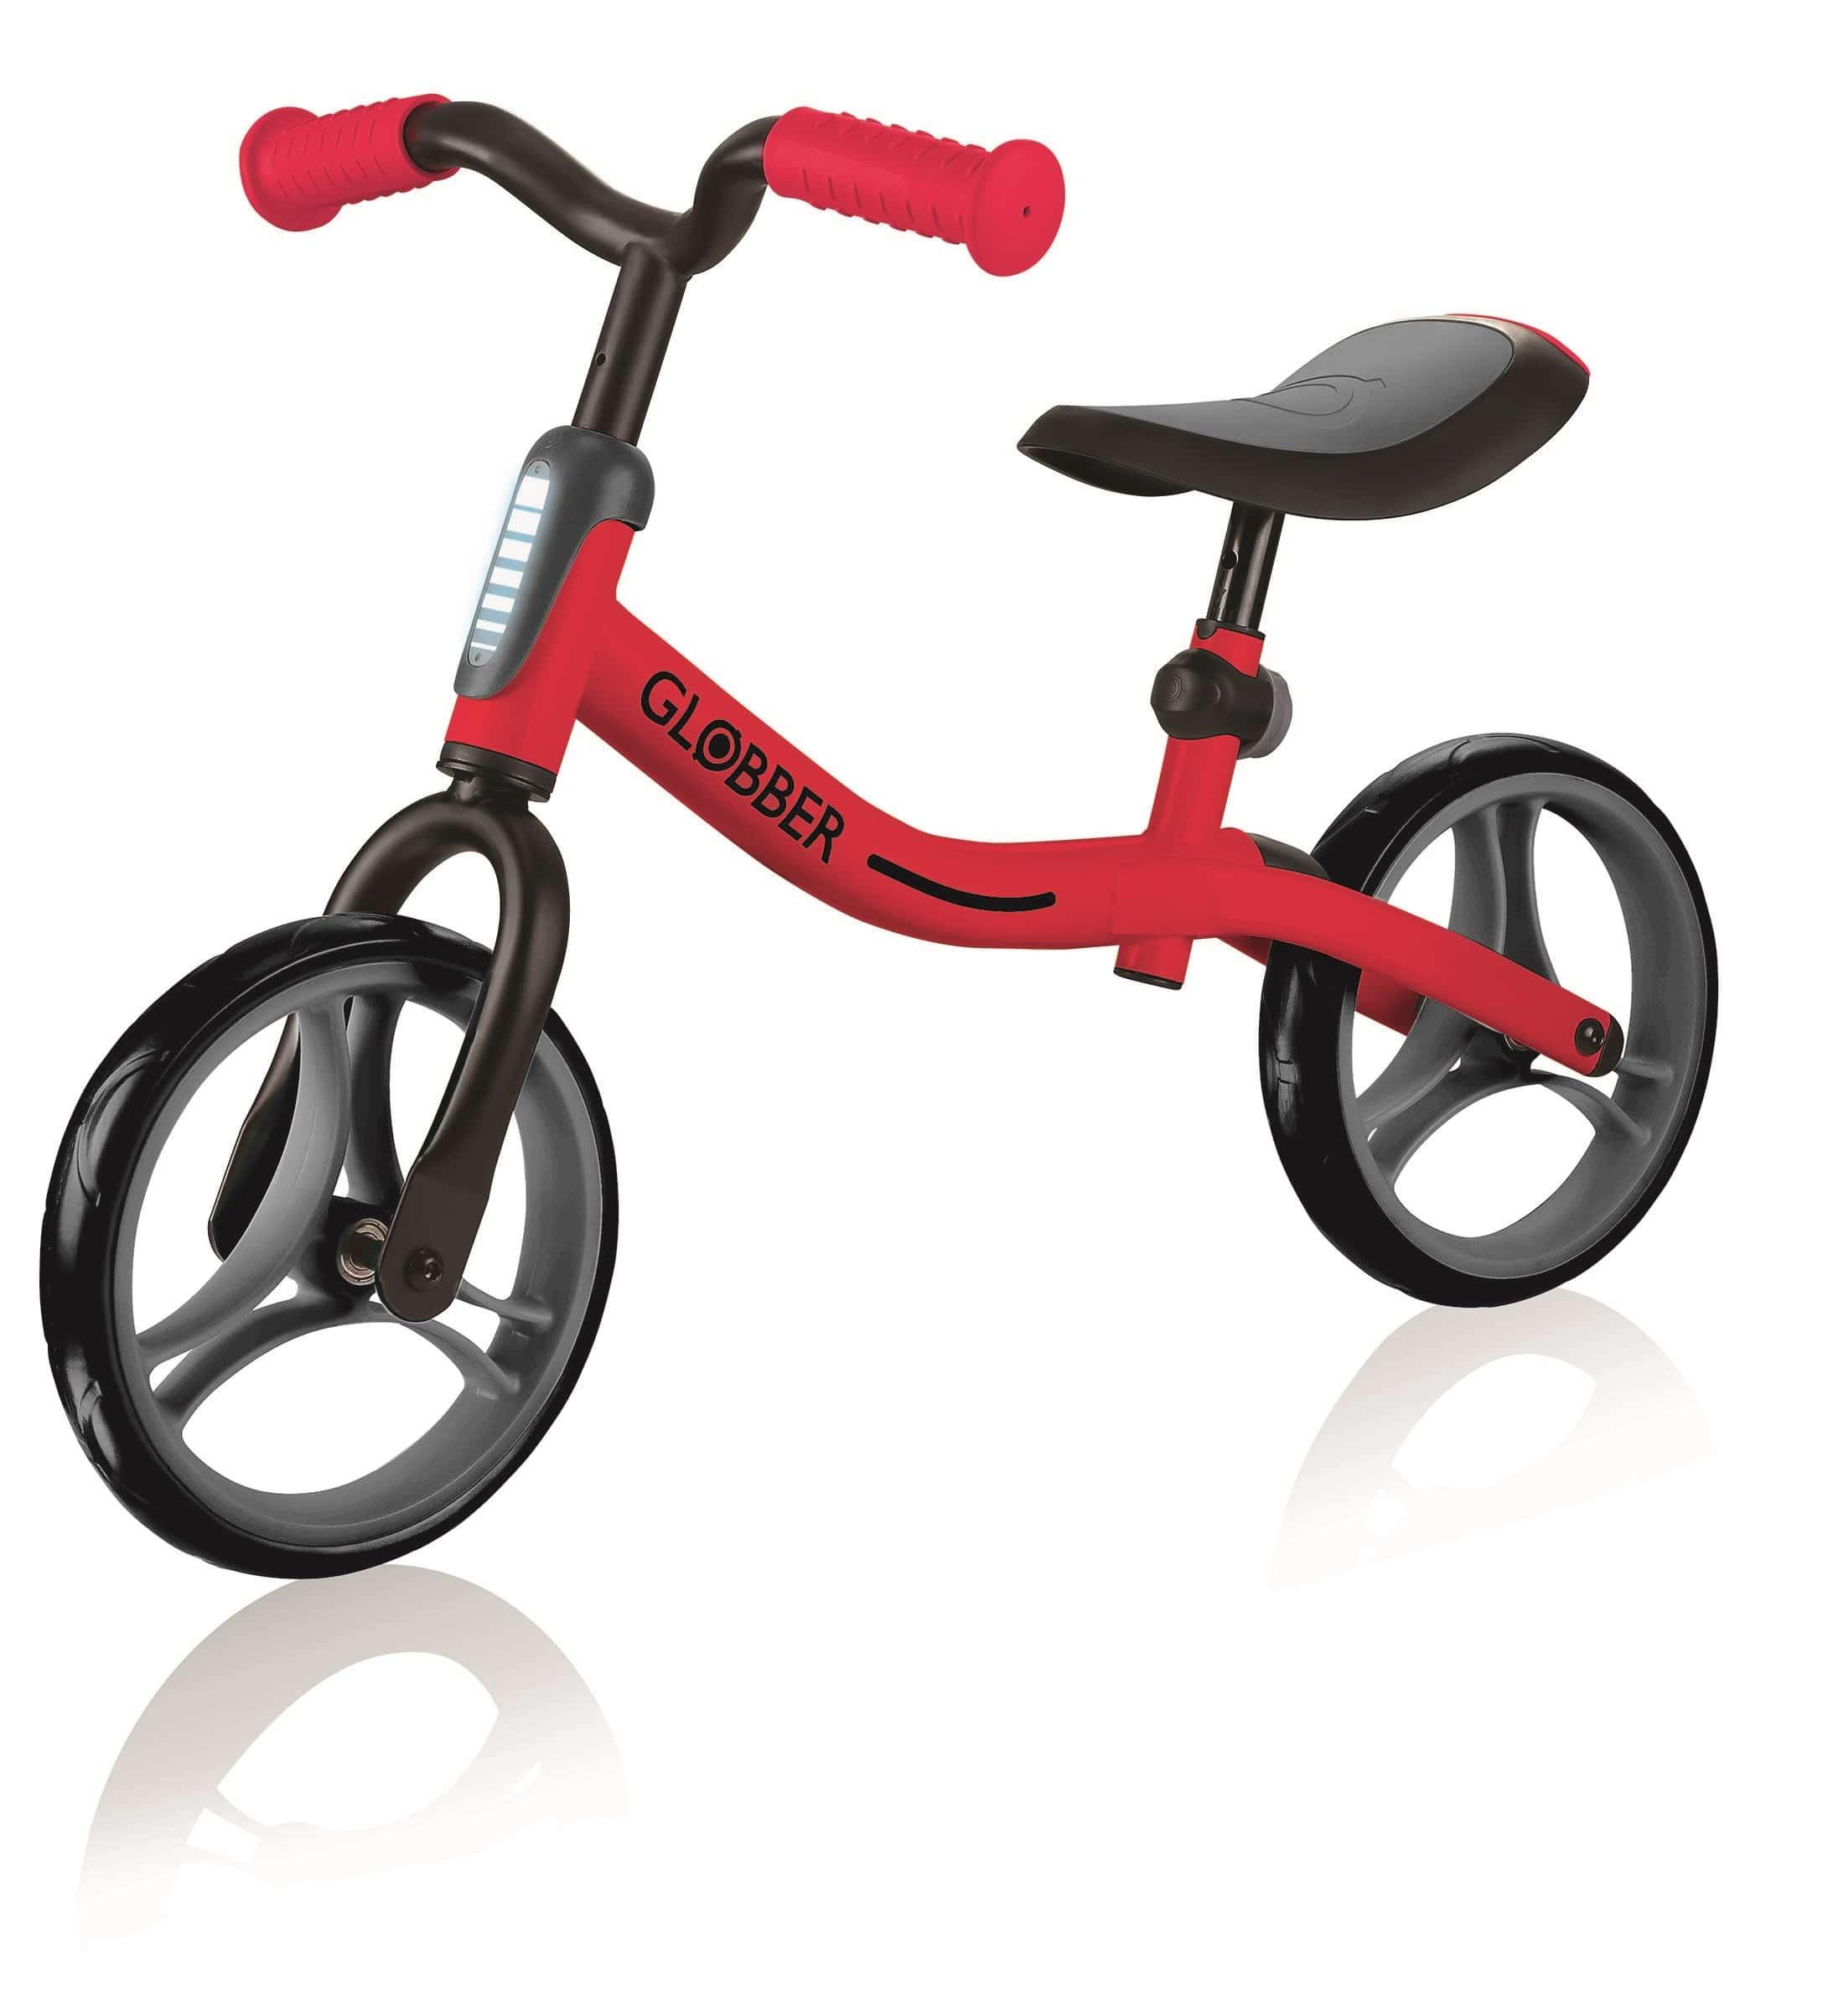 Ποδήλατο Ισορροπίας Globber